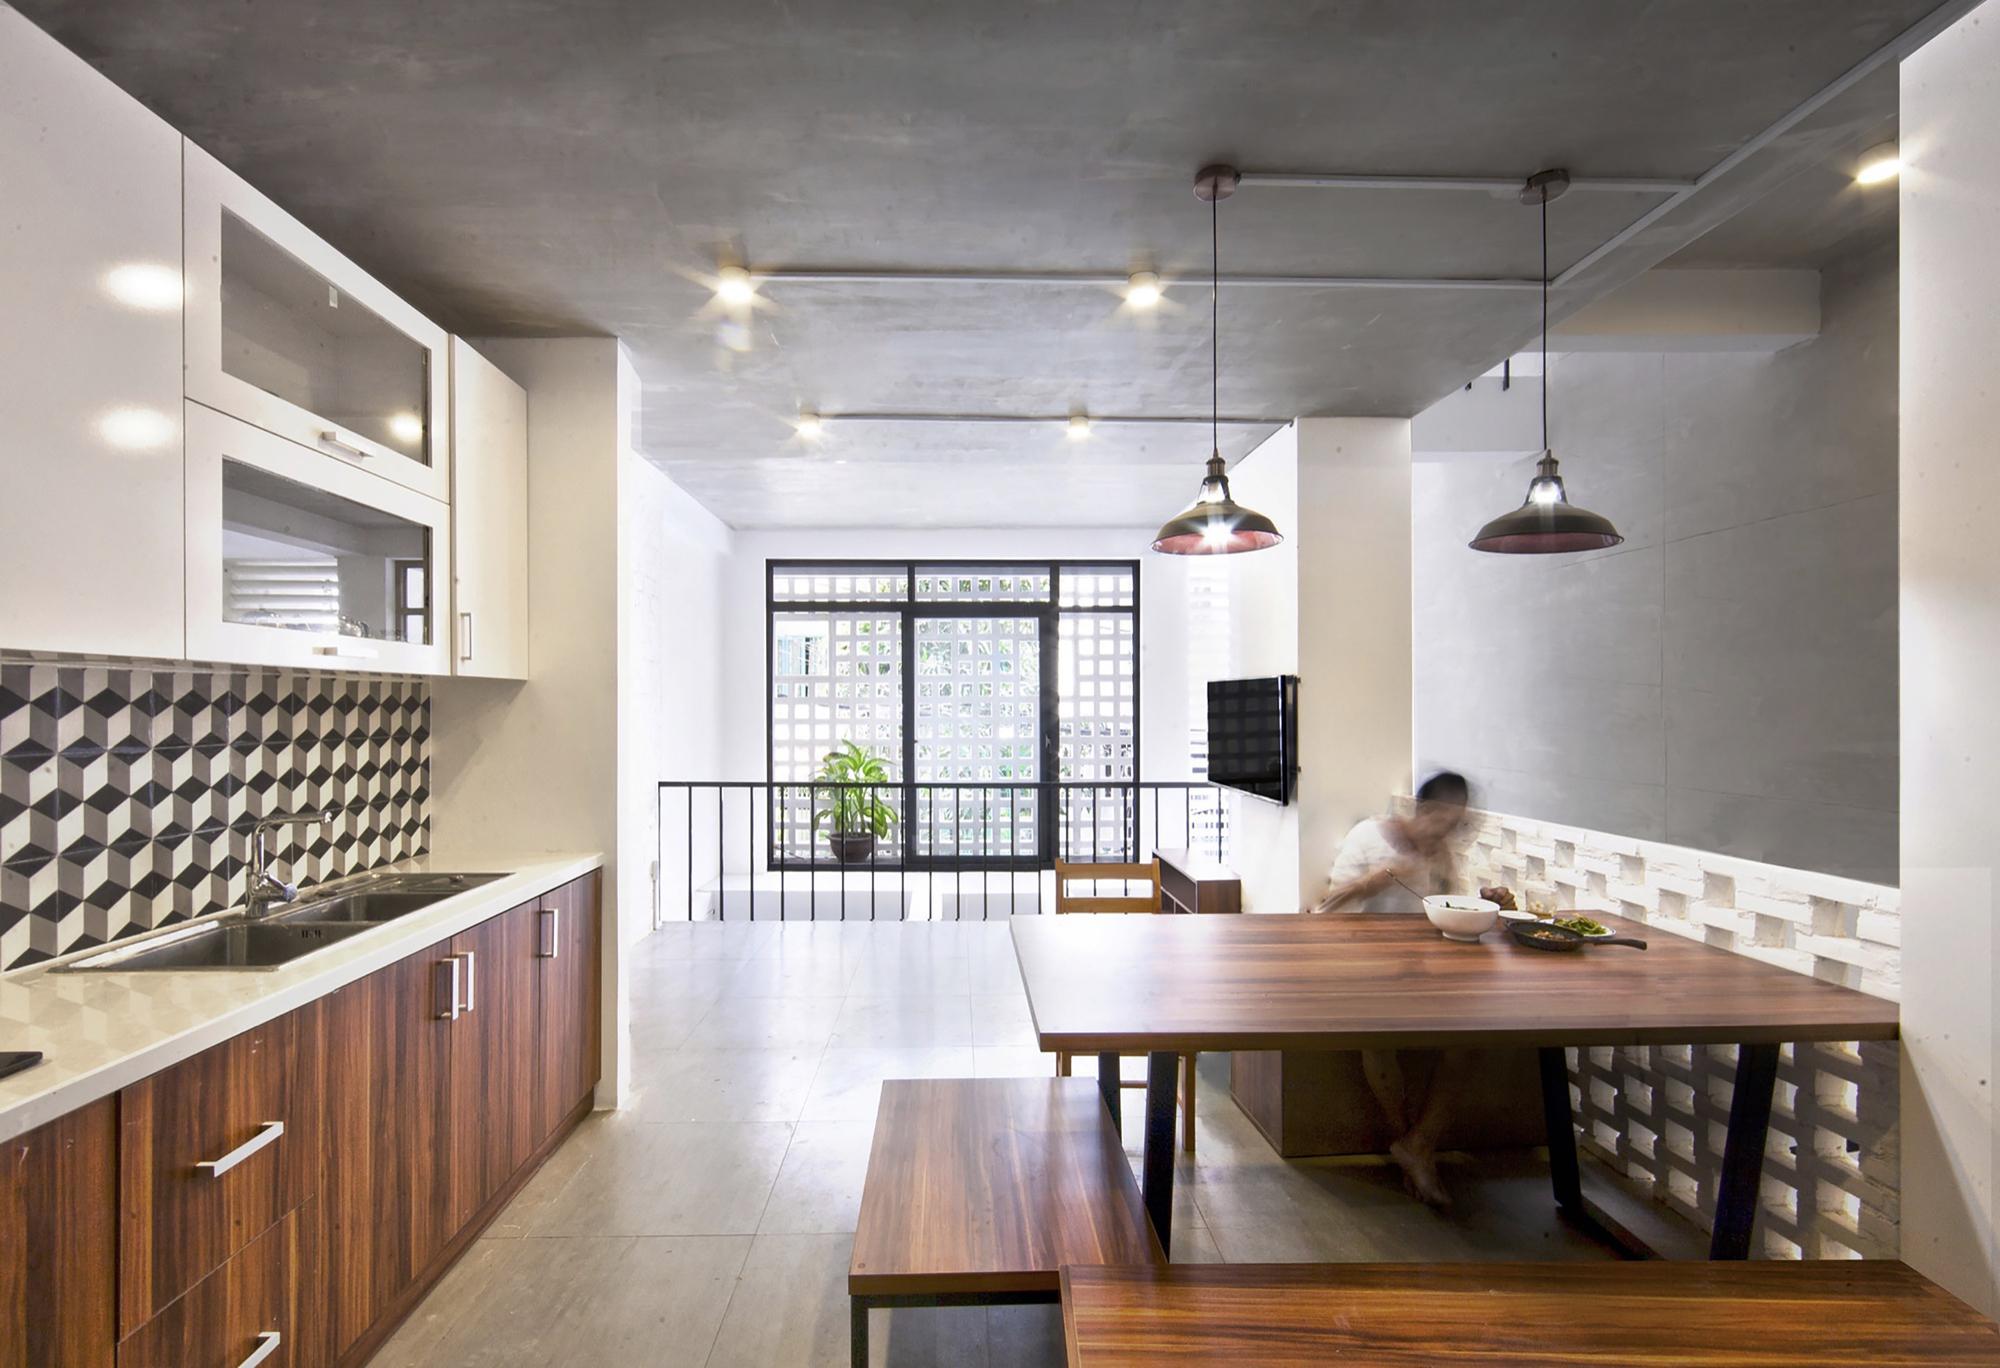 03-Q10_house_celosia_ceramica_studio8_vietnam_lumka_ceramica_a_mano_alzada